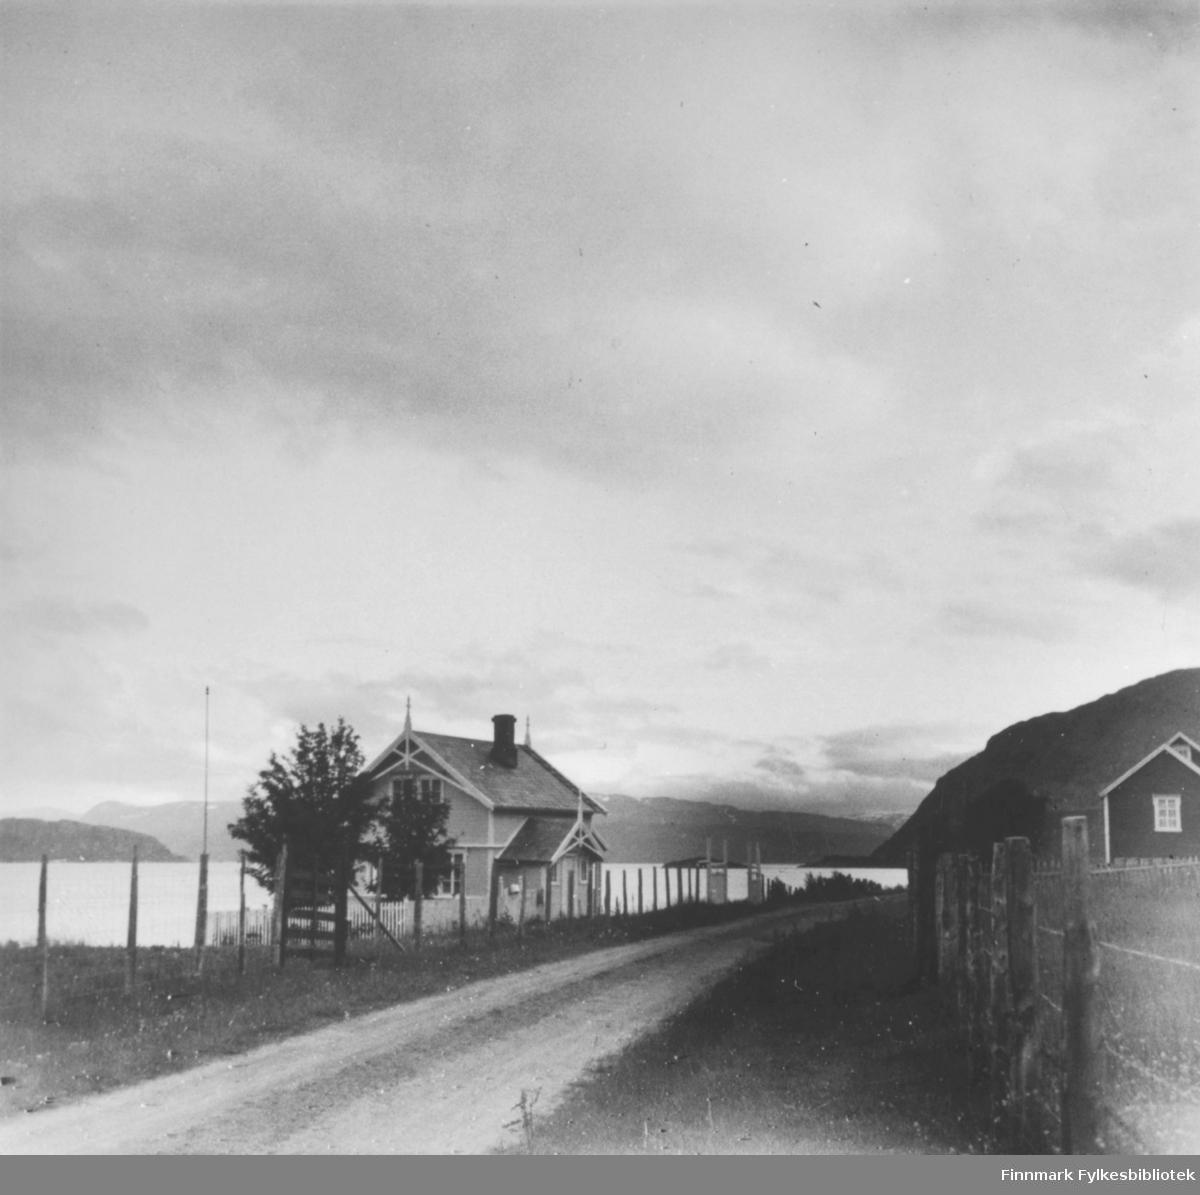 Landskap med grusveg og noen hus.